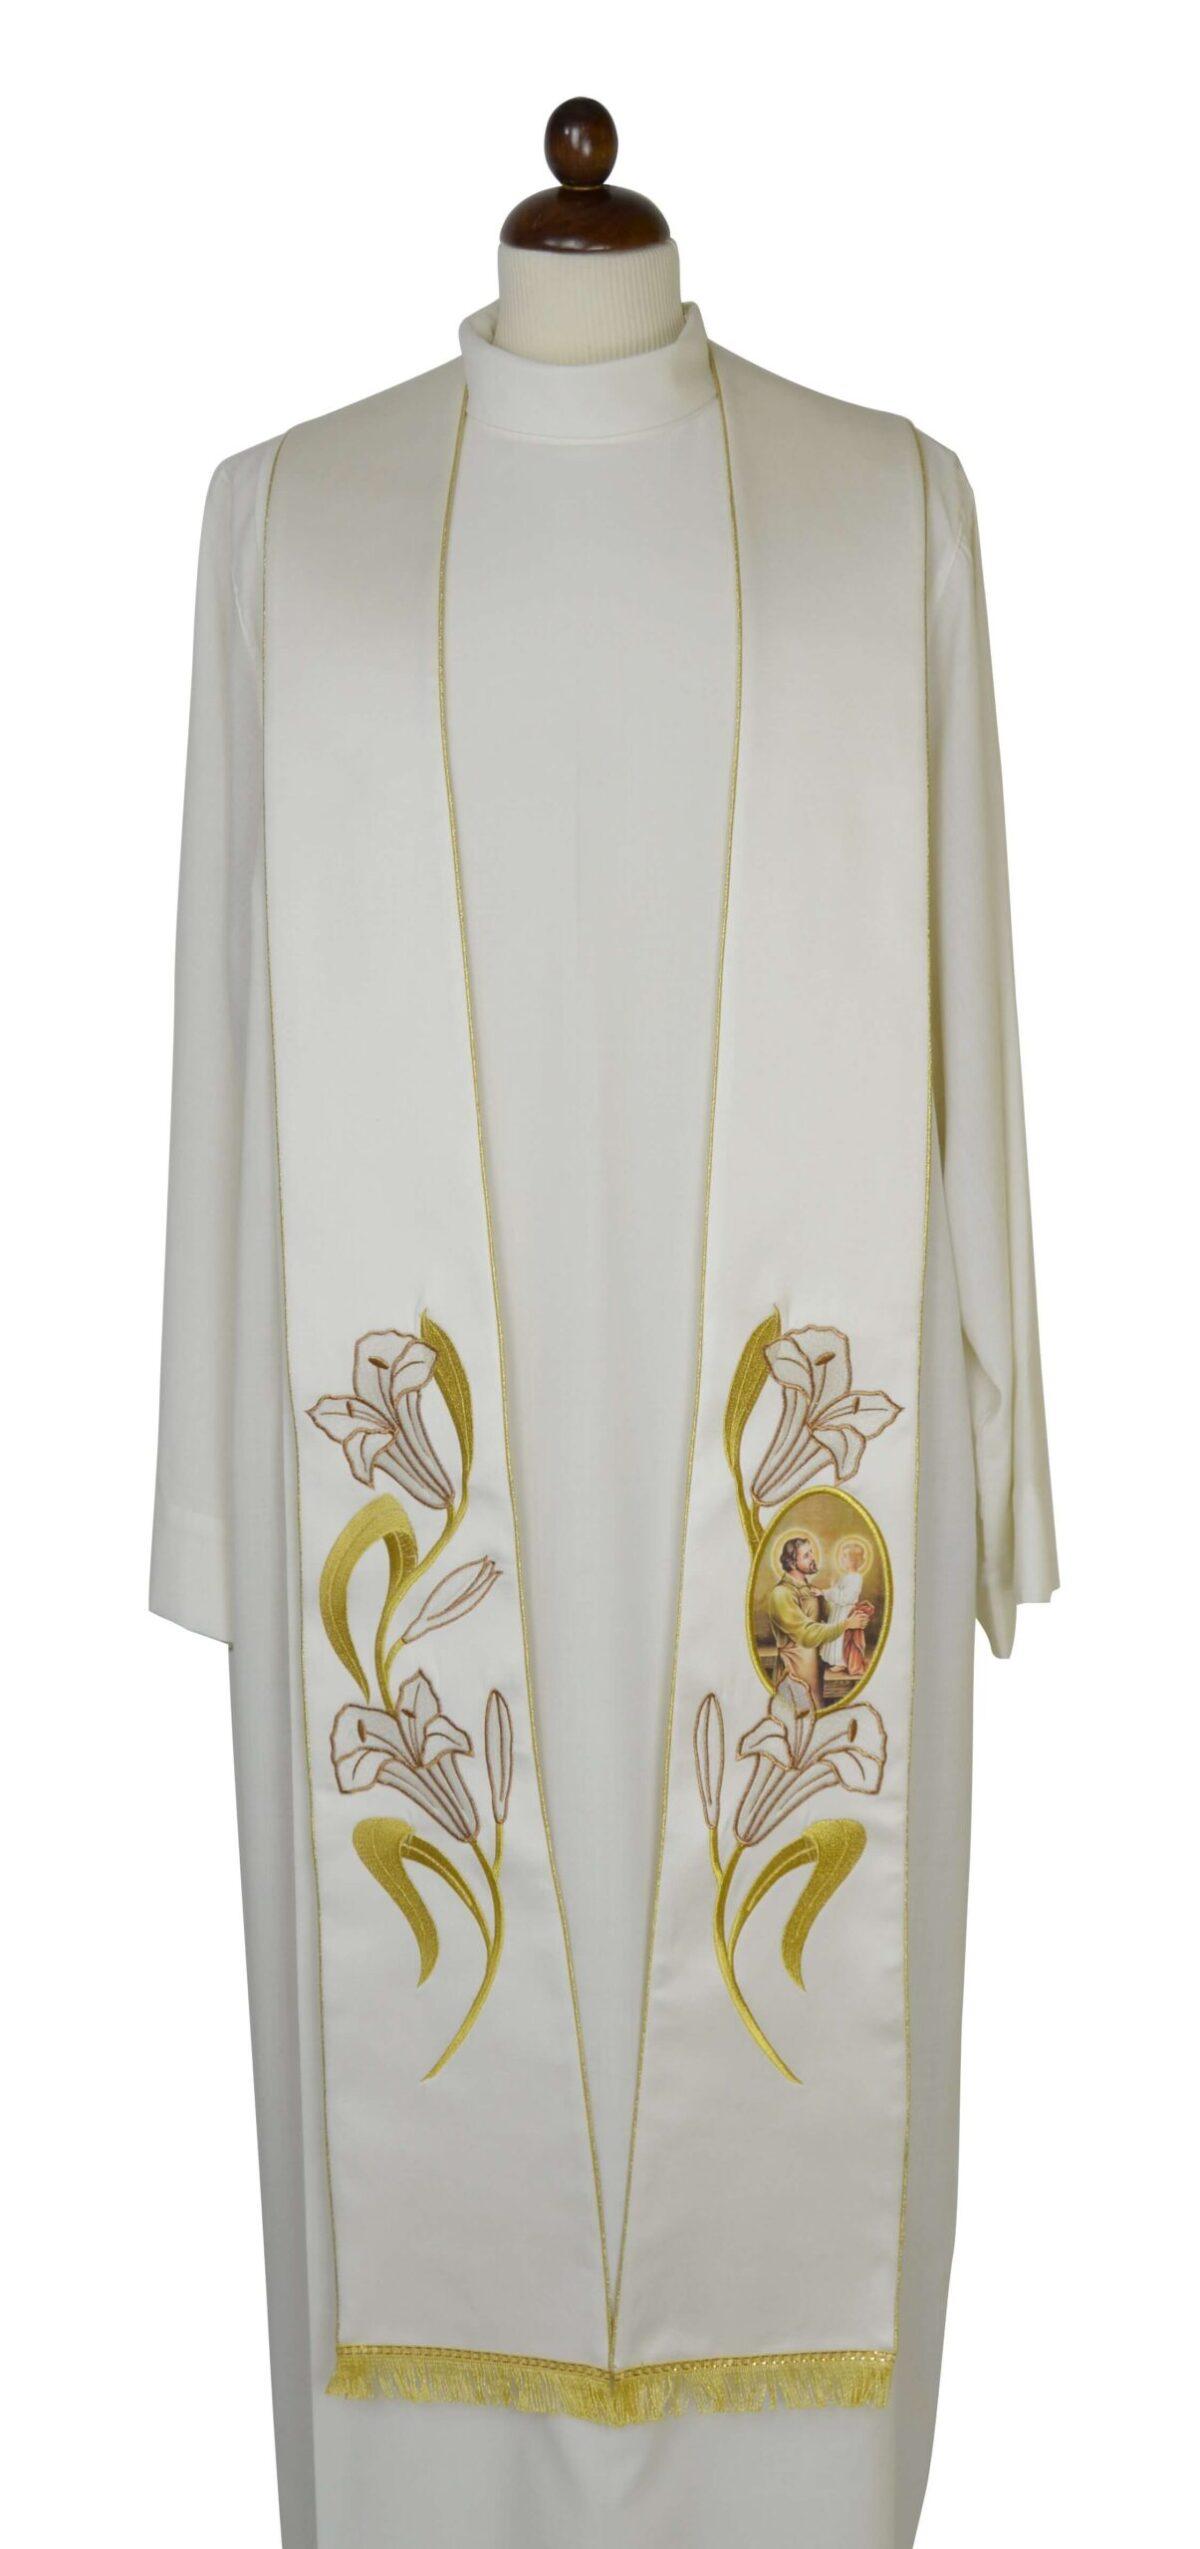 Stola Sacerdotale cod 8121 in raffinato tessuto di raso Ricamo Immagine San Giuseppe e gigli oro INT